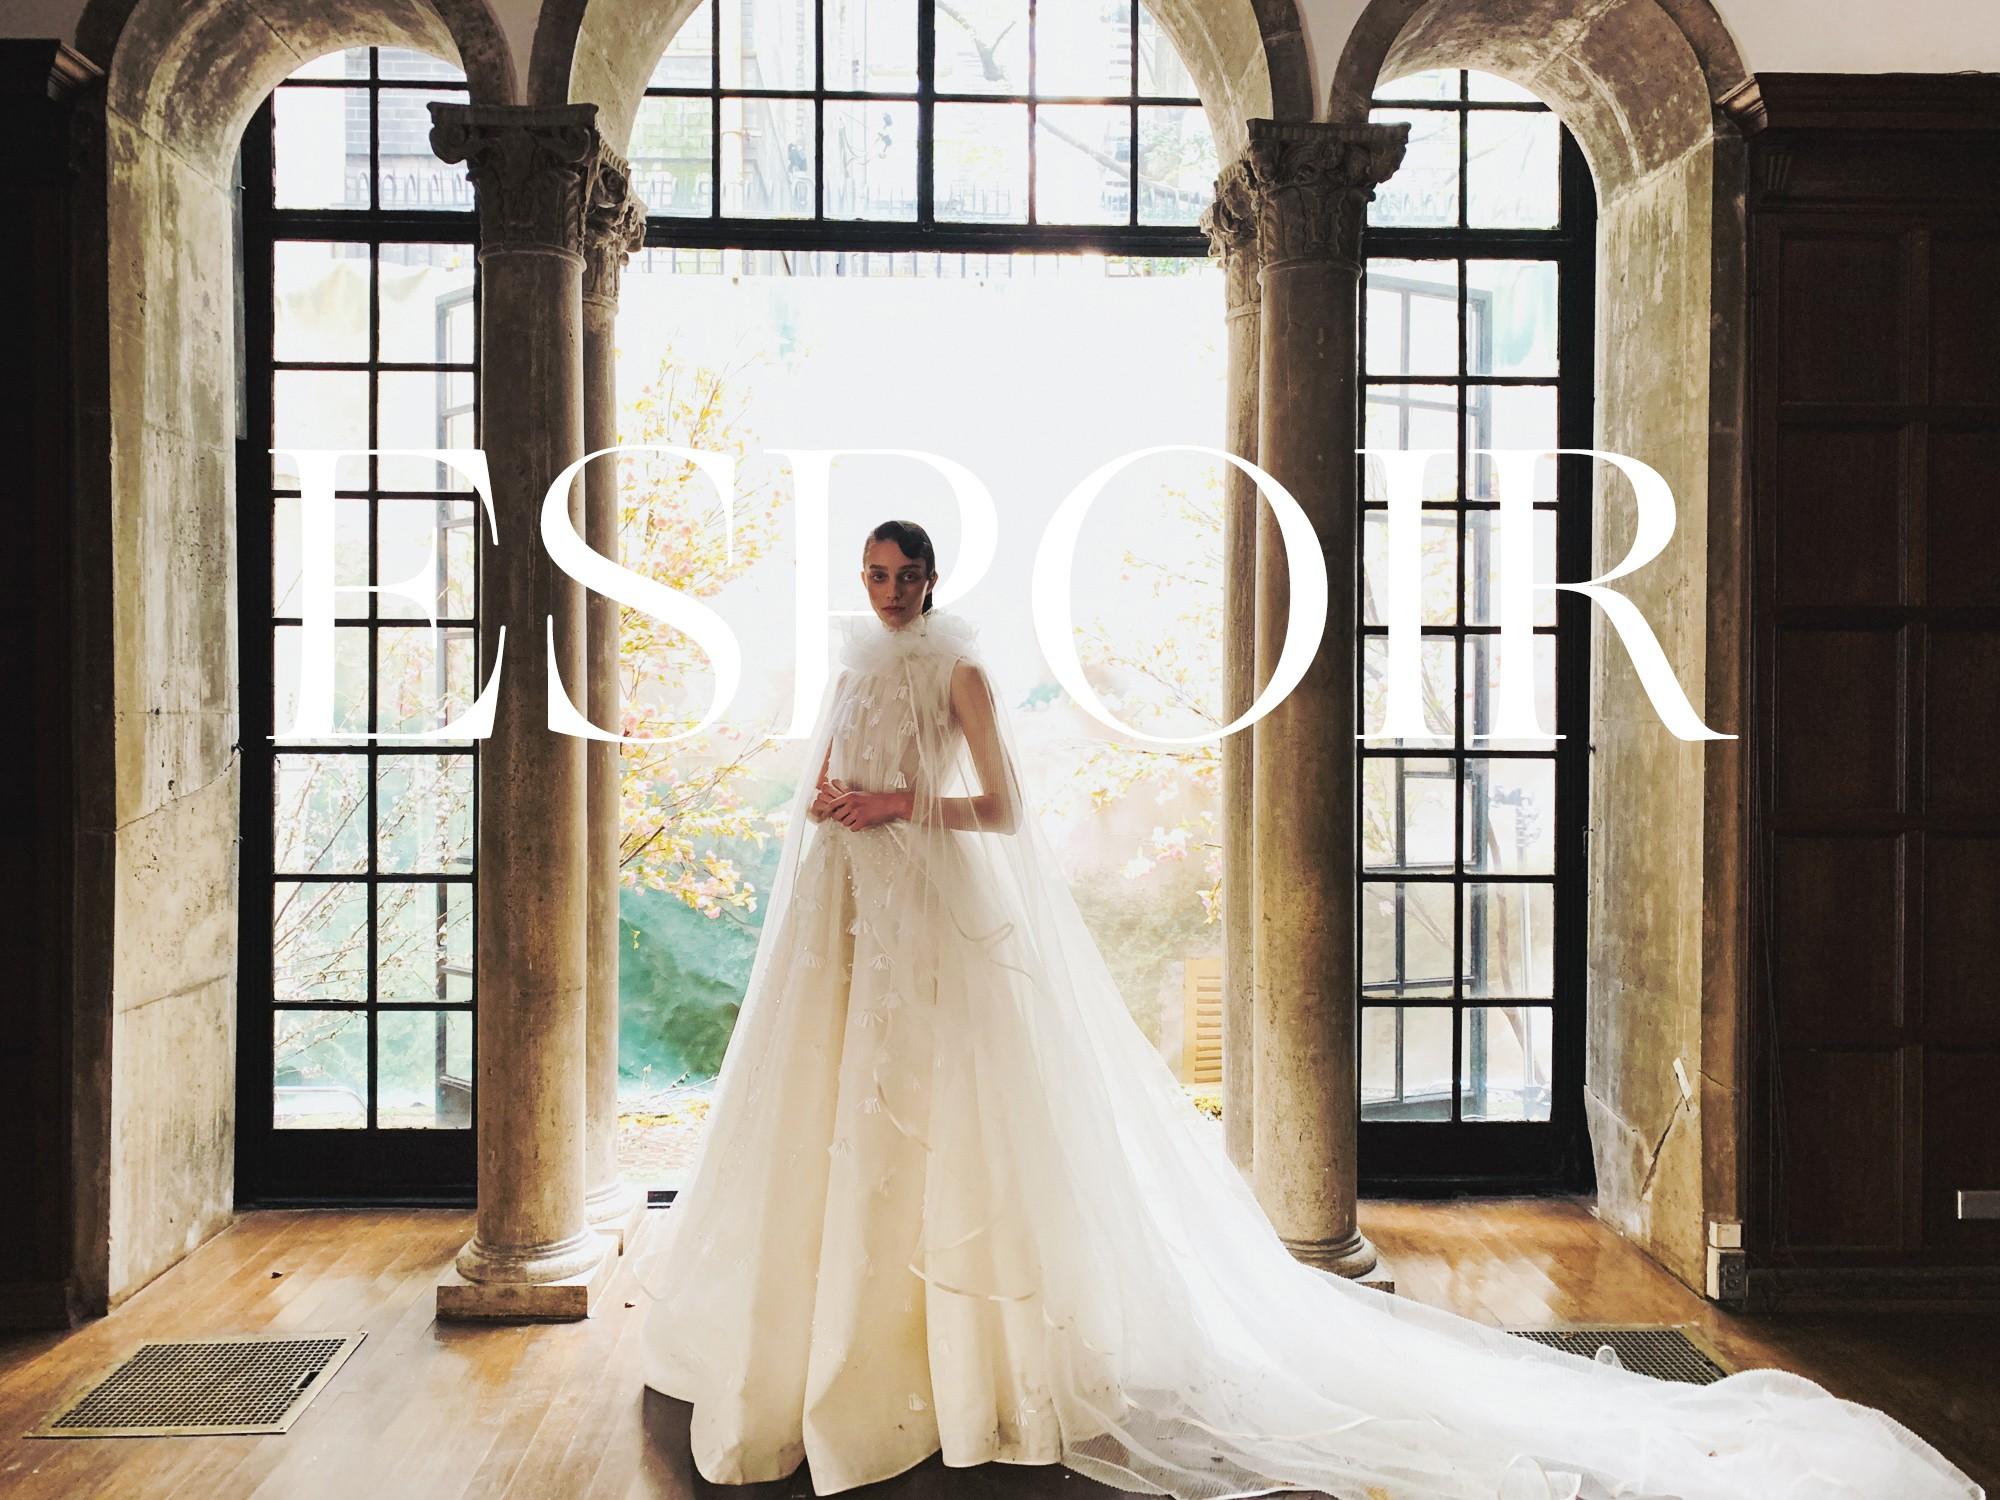 """Phương My - NTK Việt đầu tiên tham dự New York Fashion Week Bridal: Khi chiếc váy cưới trở thành tuyên ngôn cá tính của mỗi cô dâu"""" - Ảnh 3."""